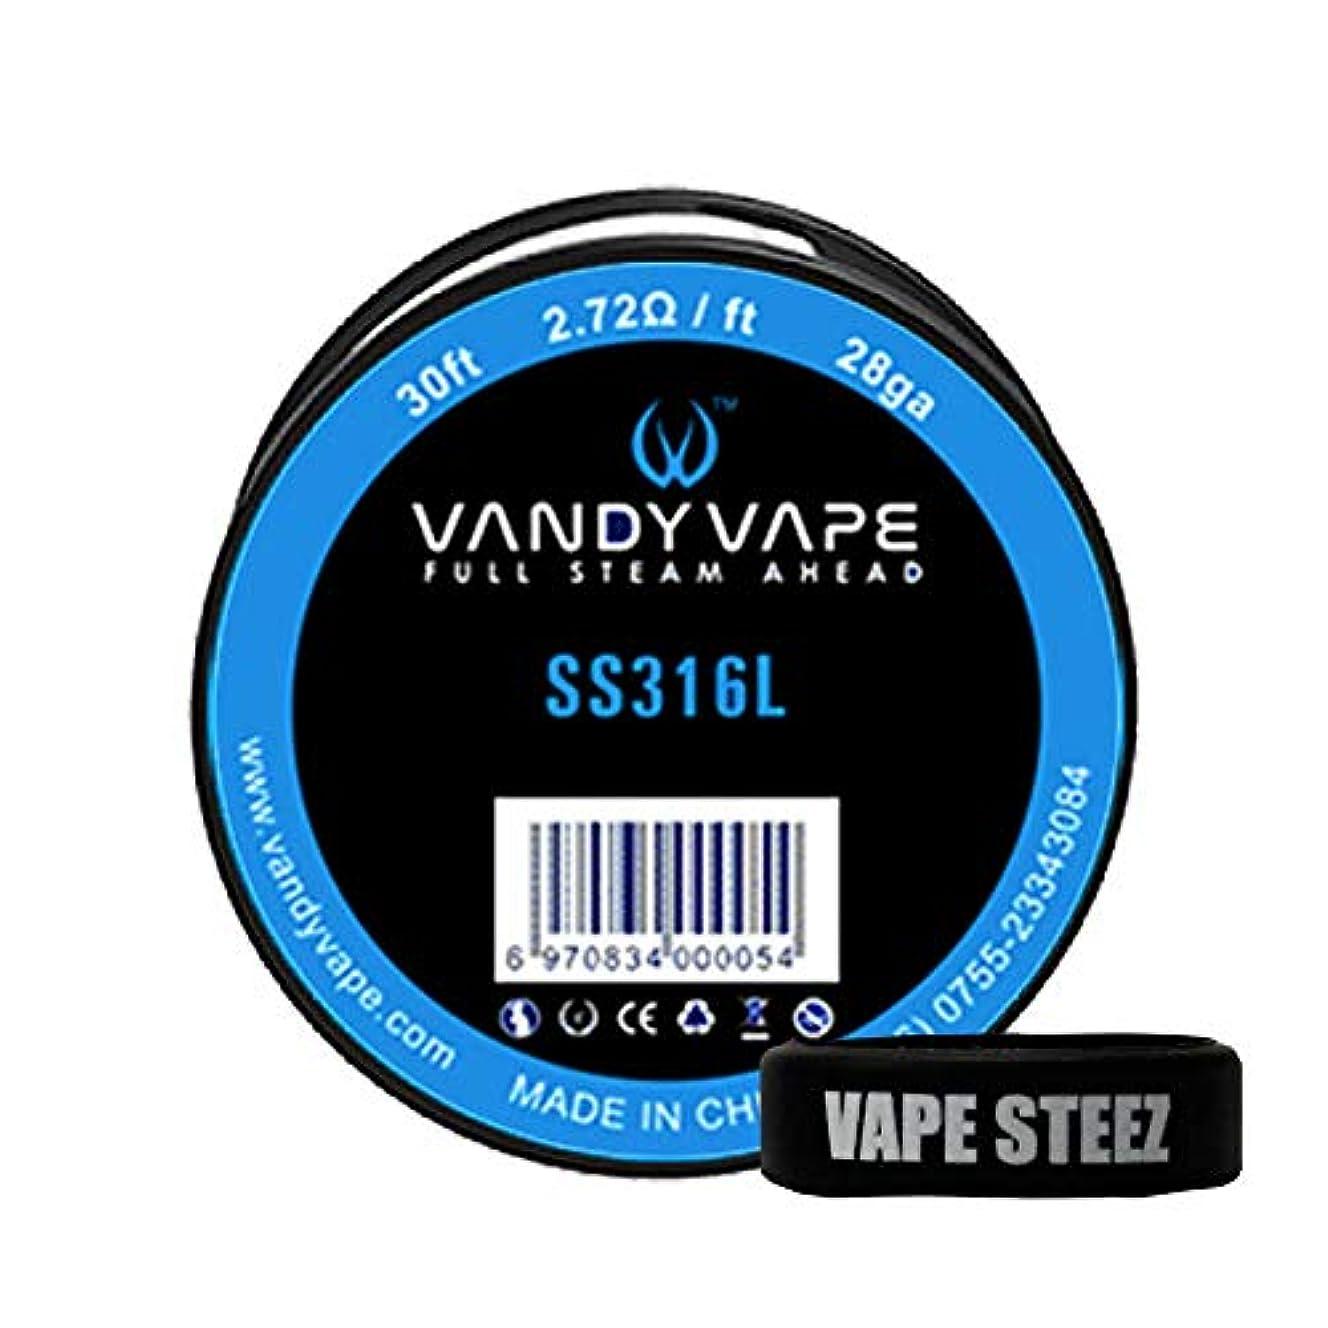 郵便物デッド脳VANDYVAPE製 交換コイル SS316L/28ga 30ft(9.144メートル) VAPESTEEZオリジナルバンド付き